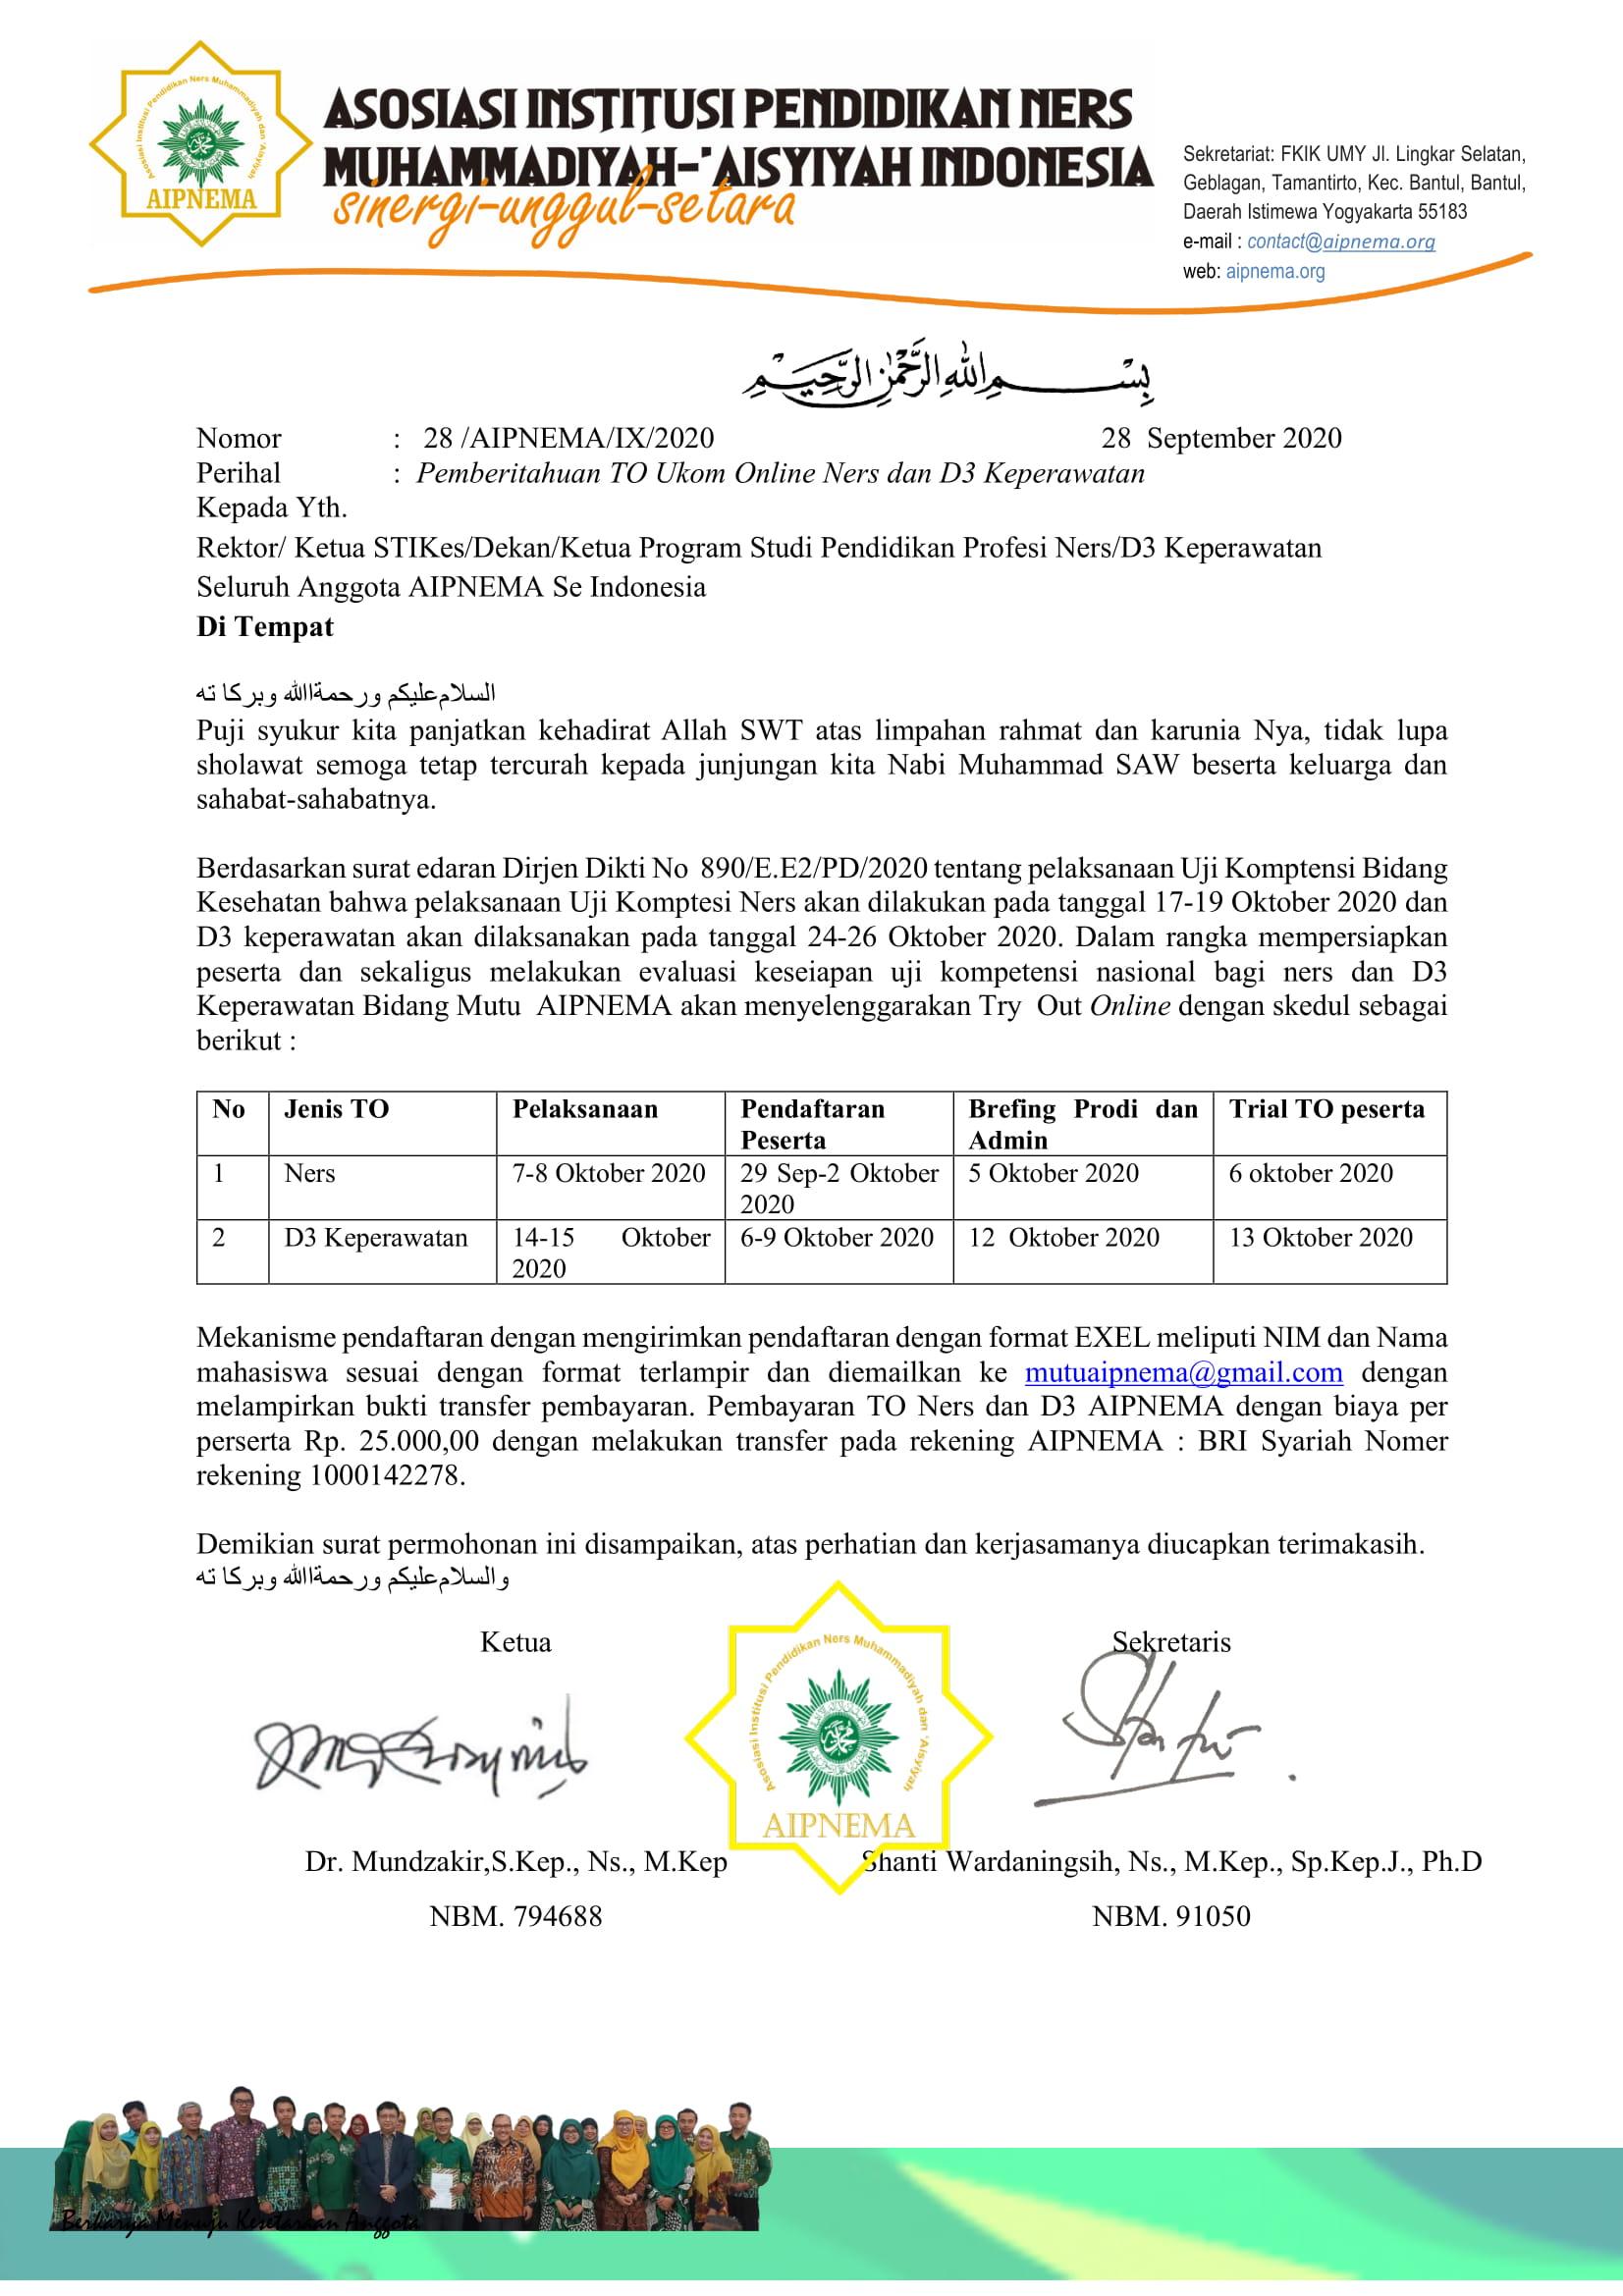 Pemberitahuan TO Ukom Online Ners dan D3 Keperawatan AIPNEMA